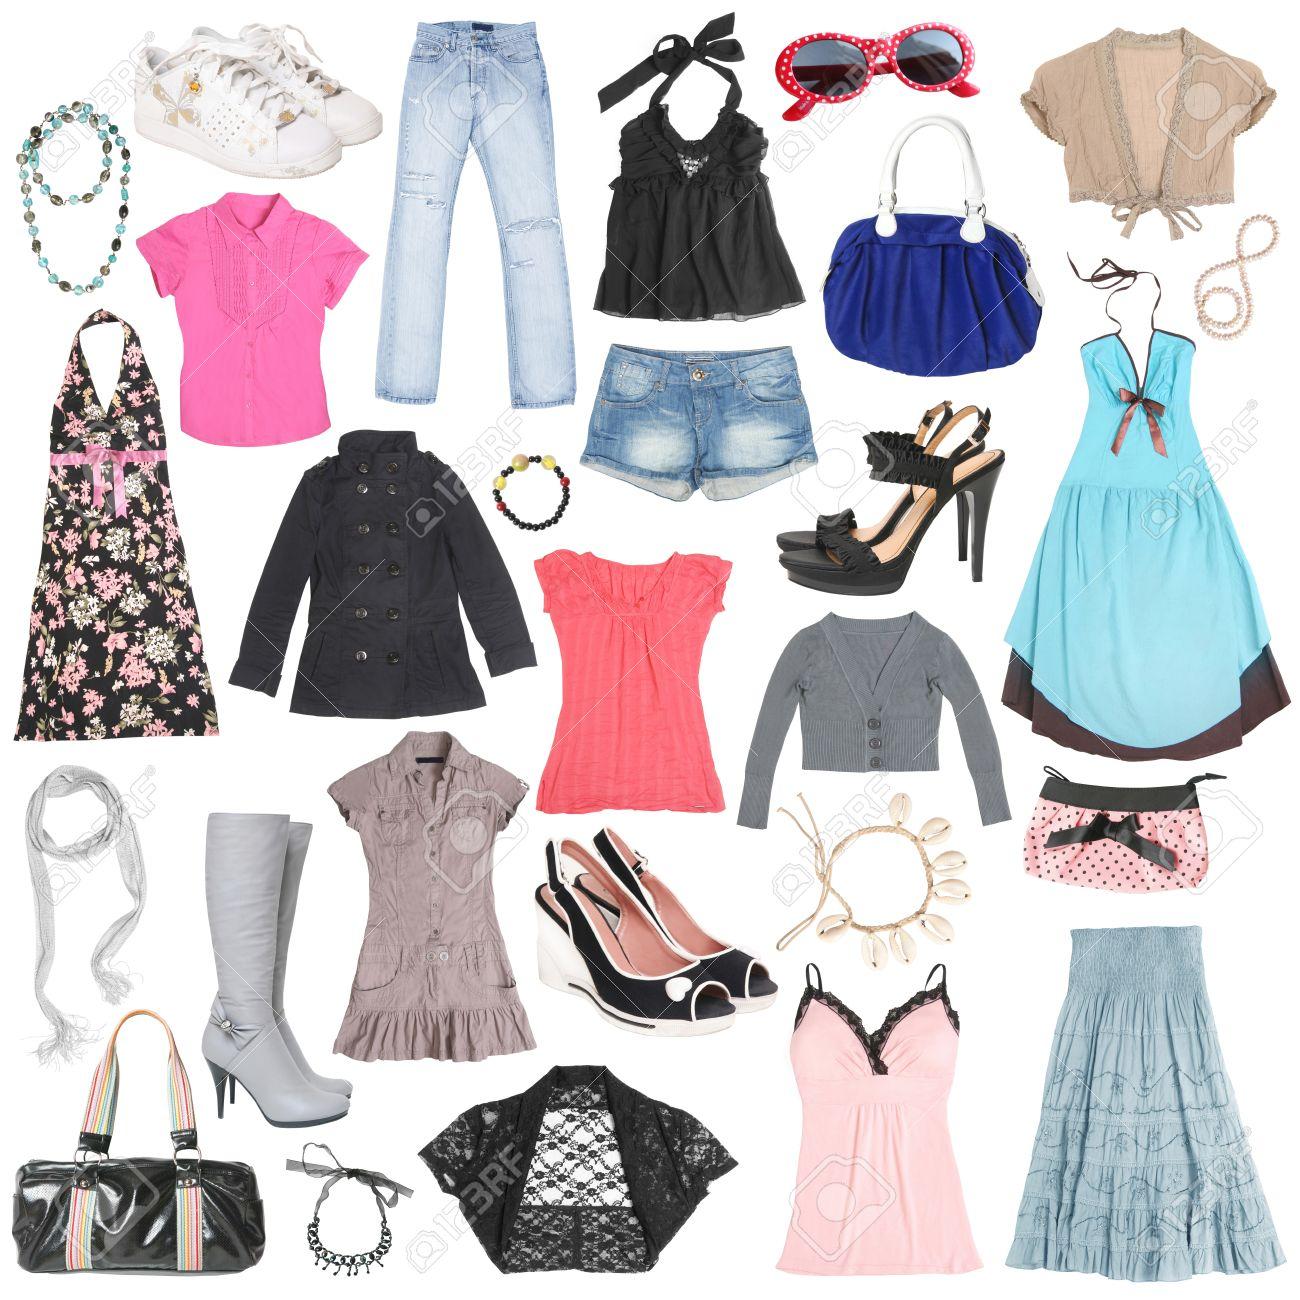 Ropa para mujeres diferente, zapatos y accesorios.  2 Foto de archivo ,  10540253